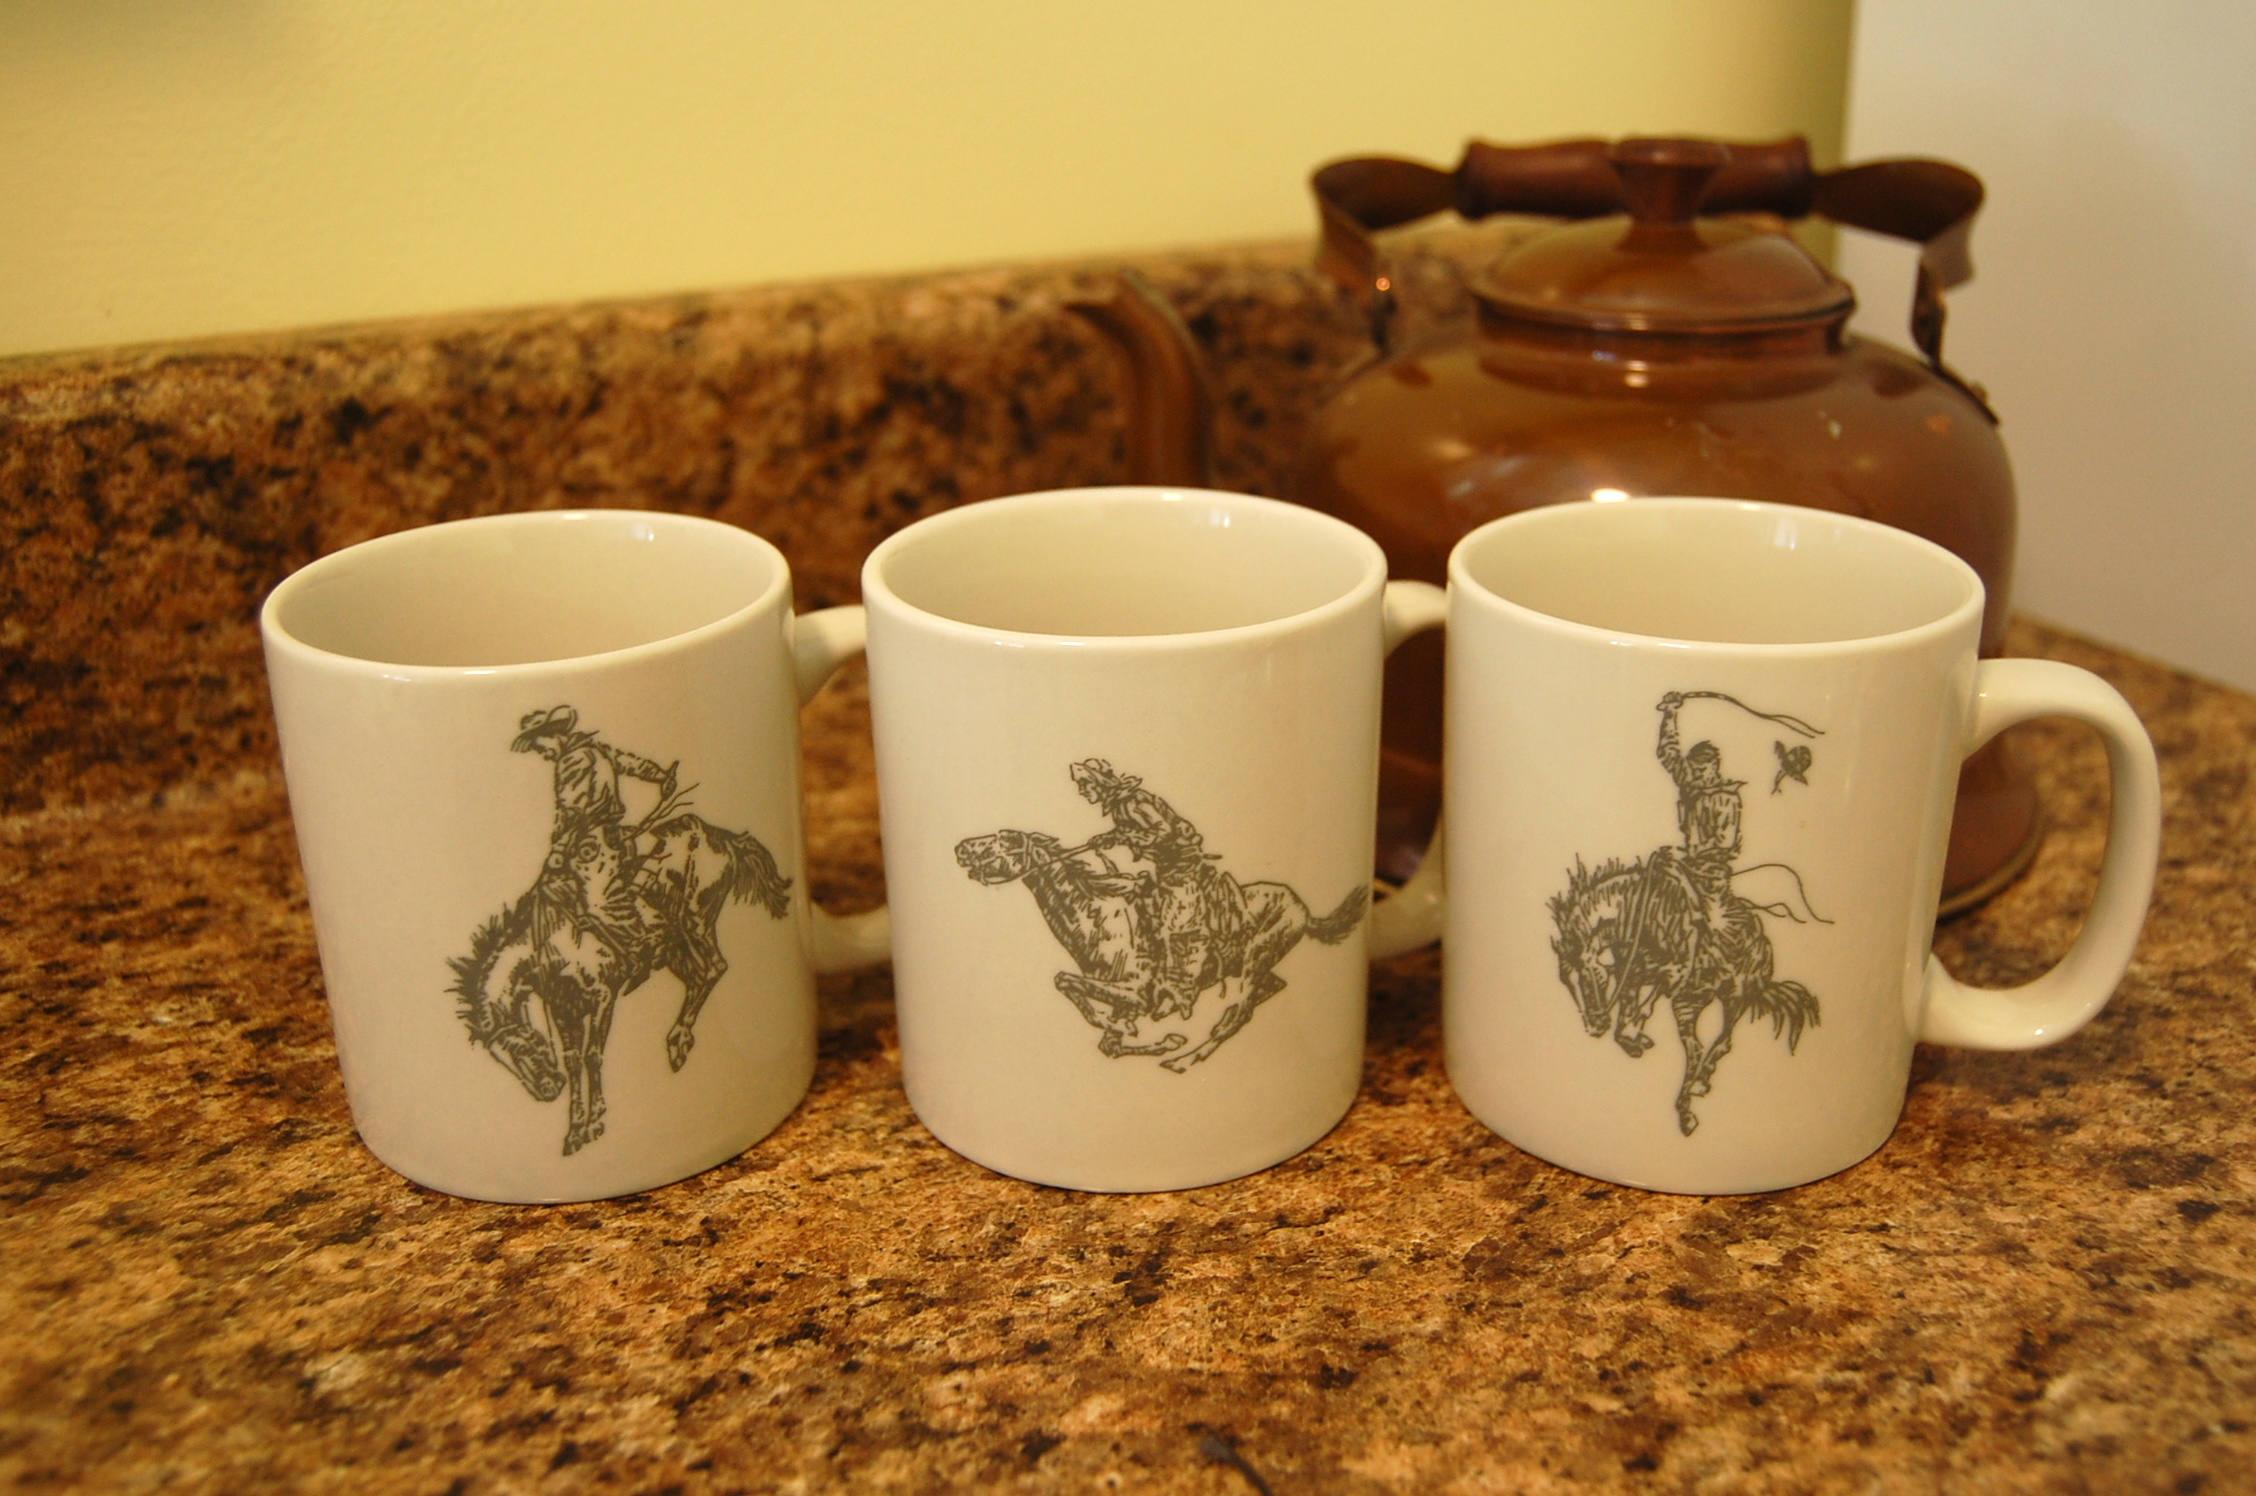 Cowboy Rodeo Mugs / Set of 3 / The Marlboro Man / Cowboy